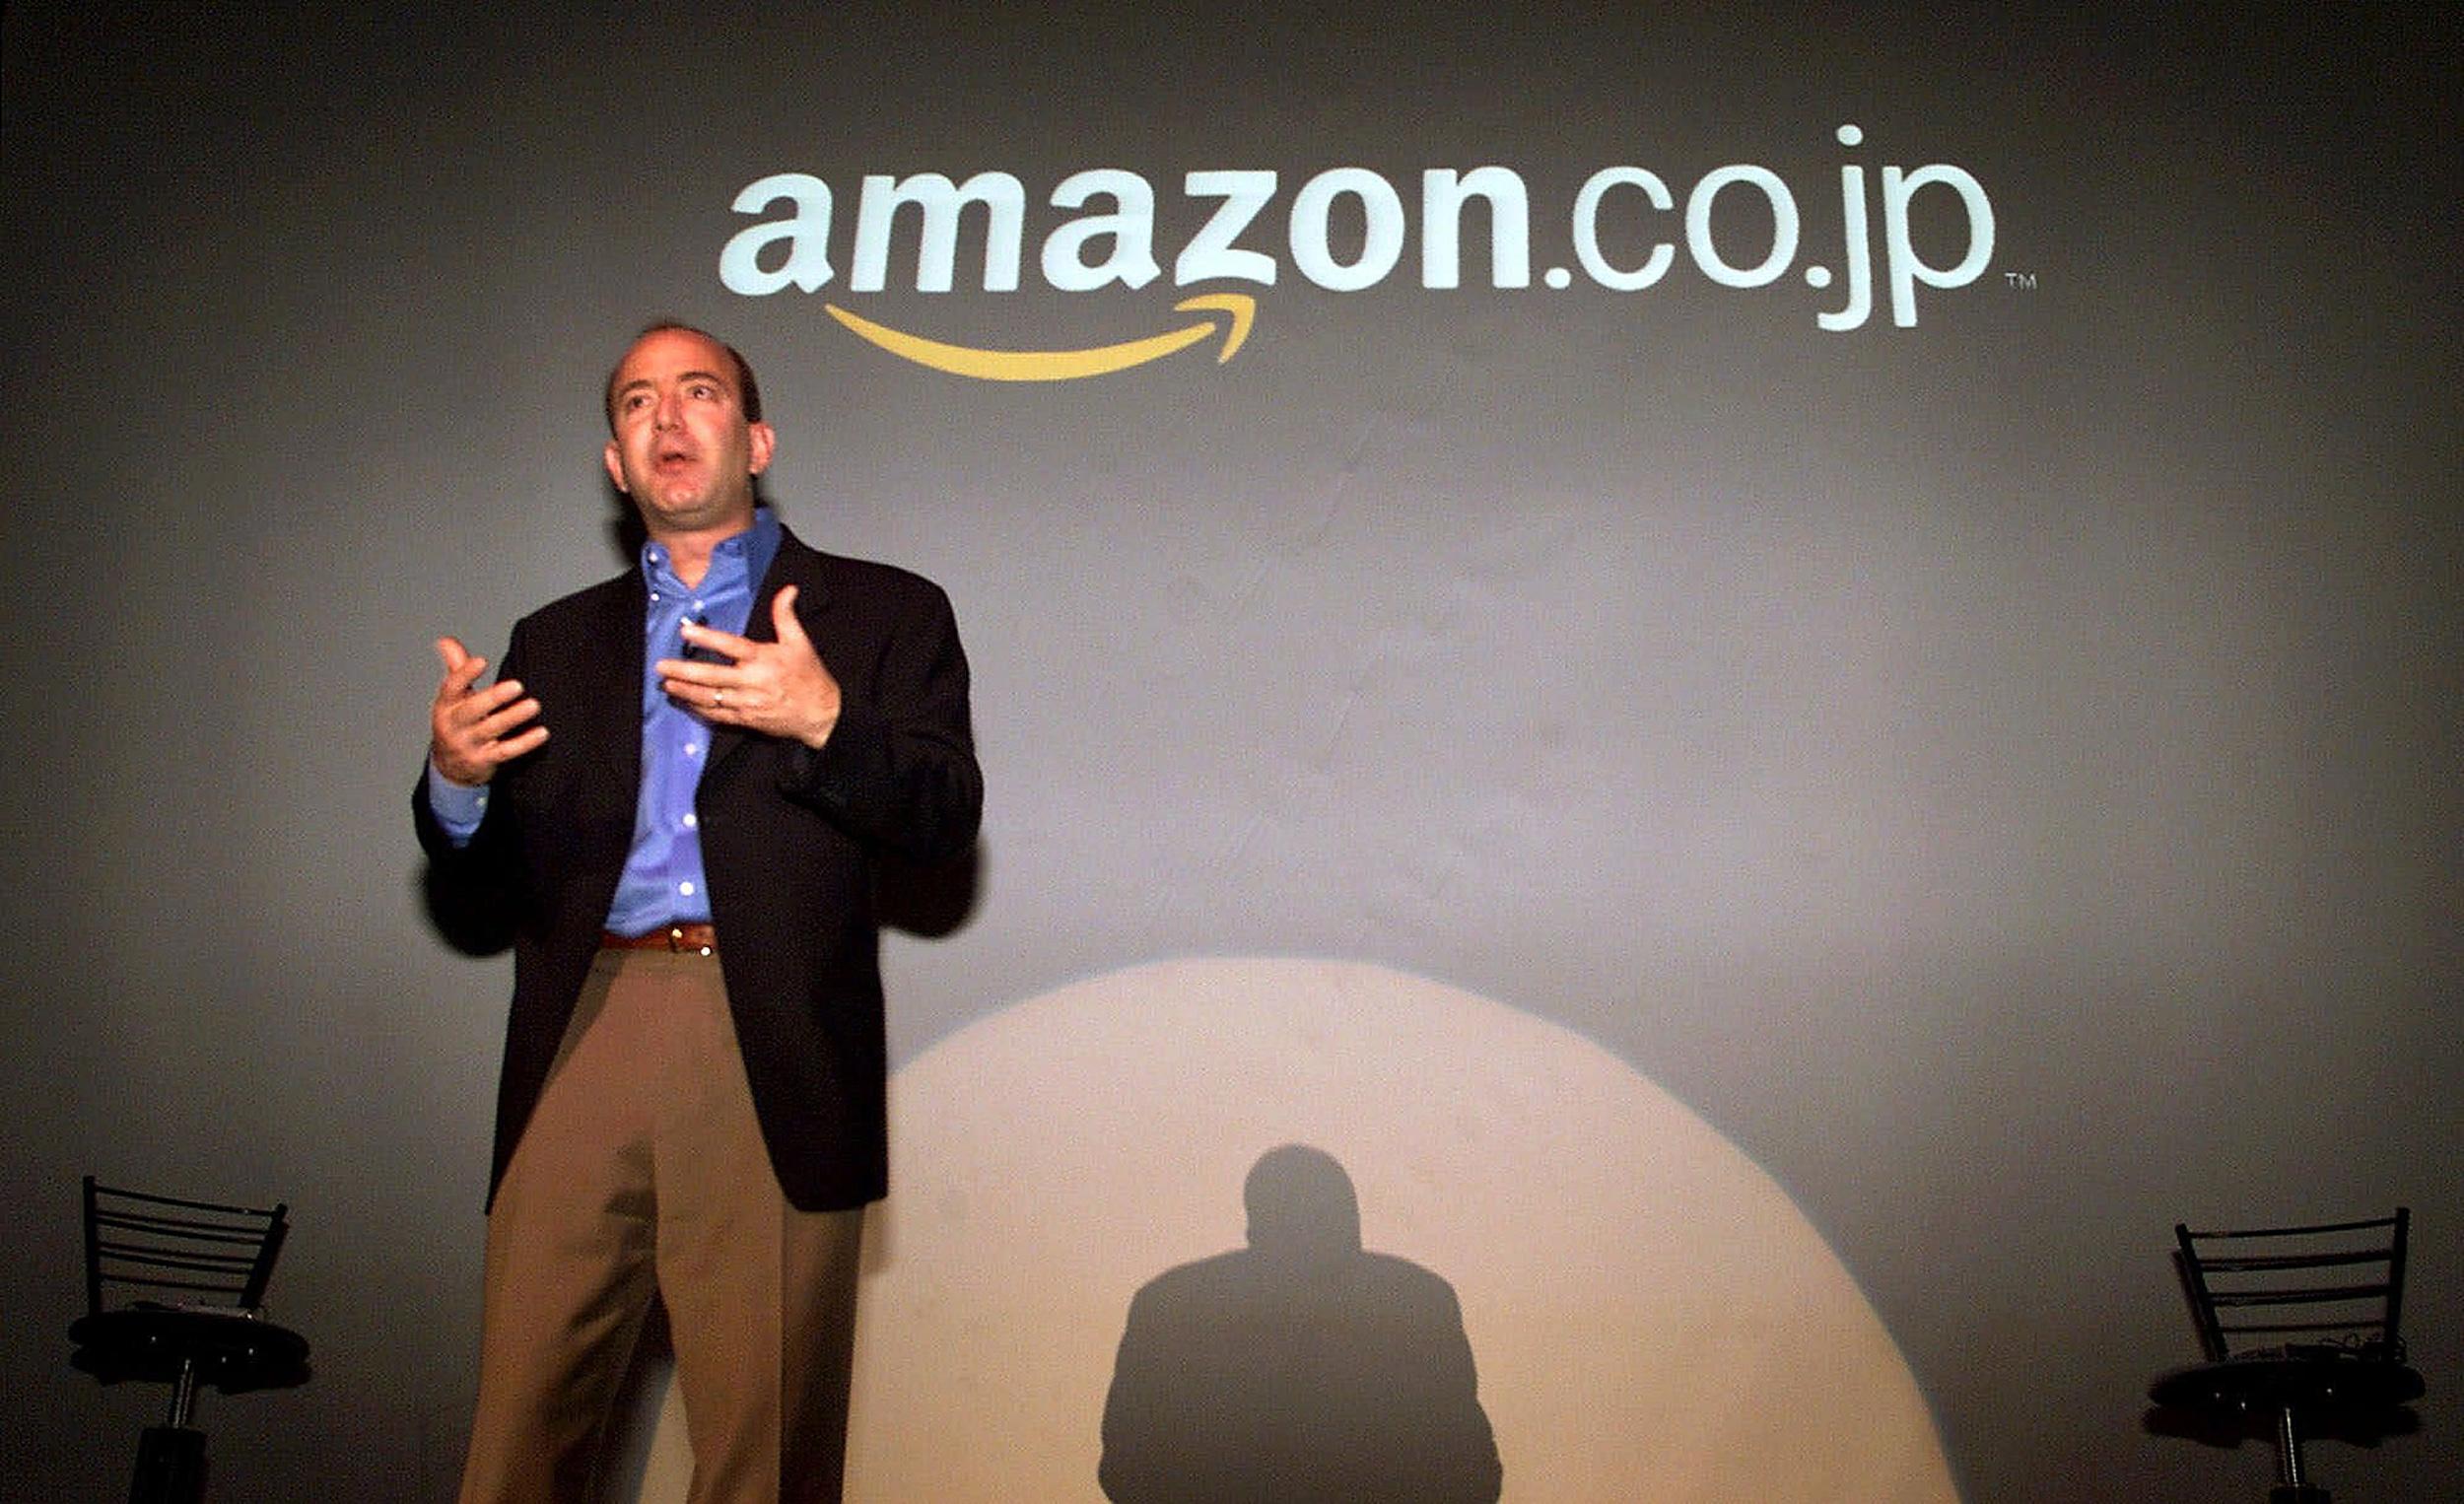 2000年11月1日,亞馬遜創辦人貝佐斯 (Jeff Bezos) 於記者會上宣布正式進軍日本市場。(美聯社)